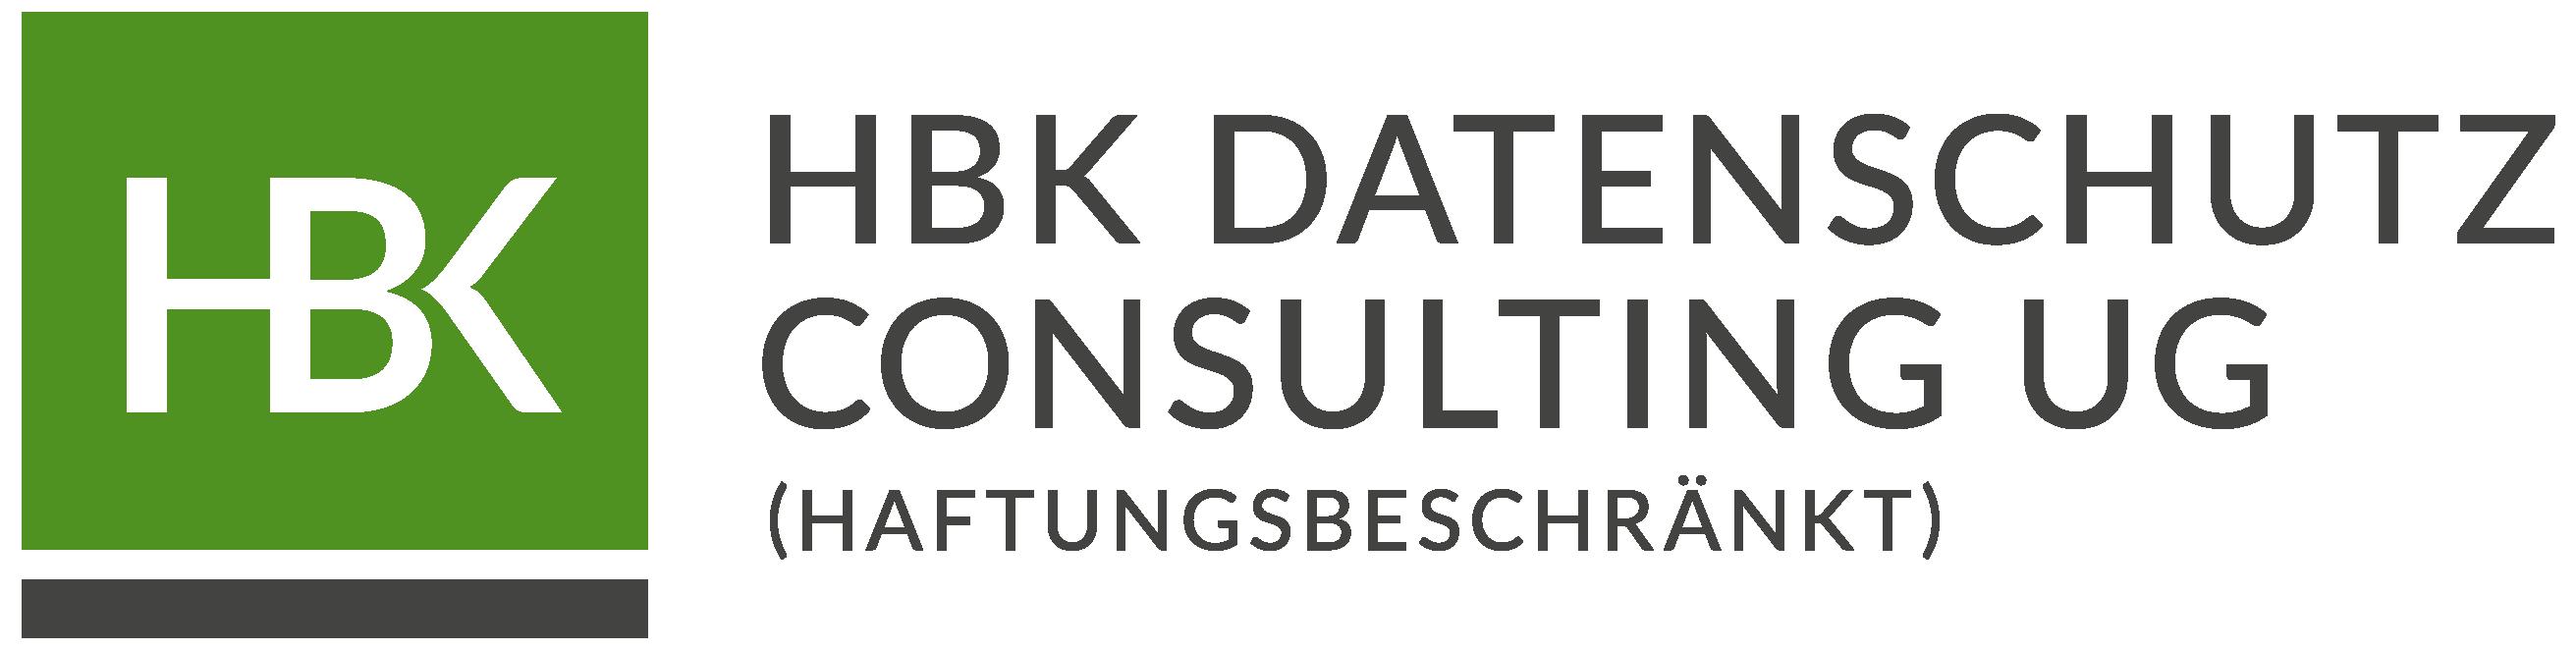 HBK Datenschutz Consultin